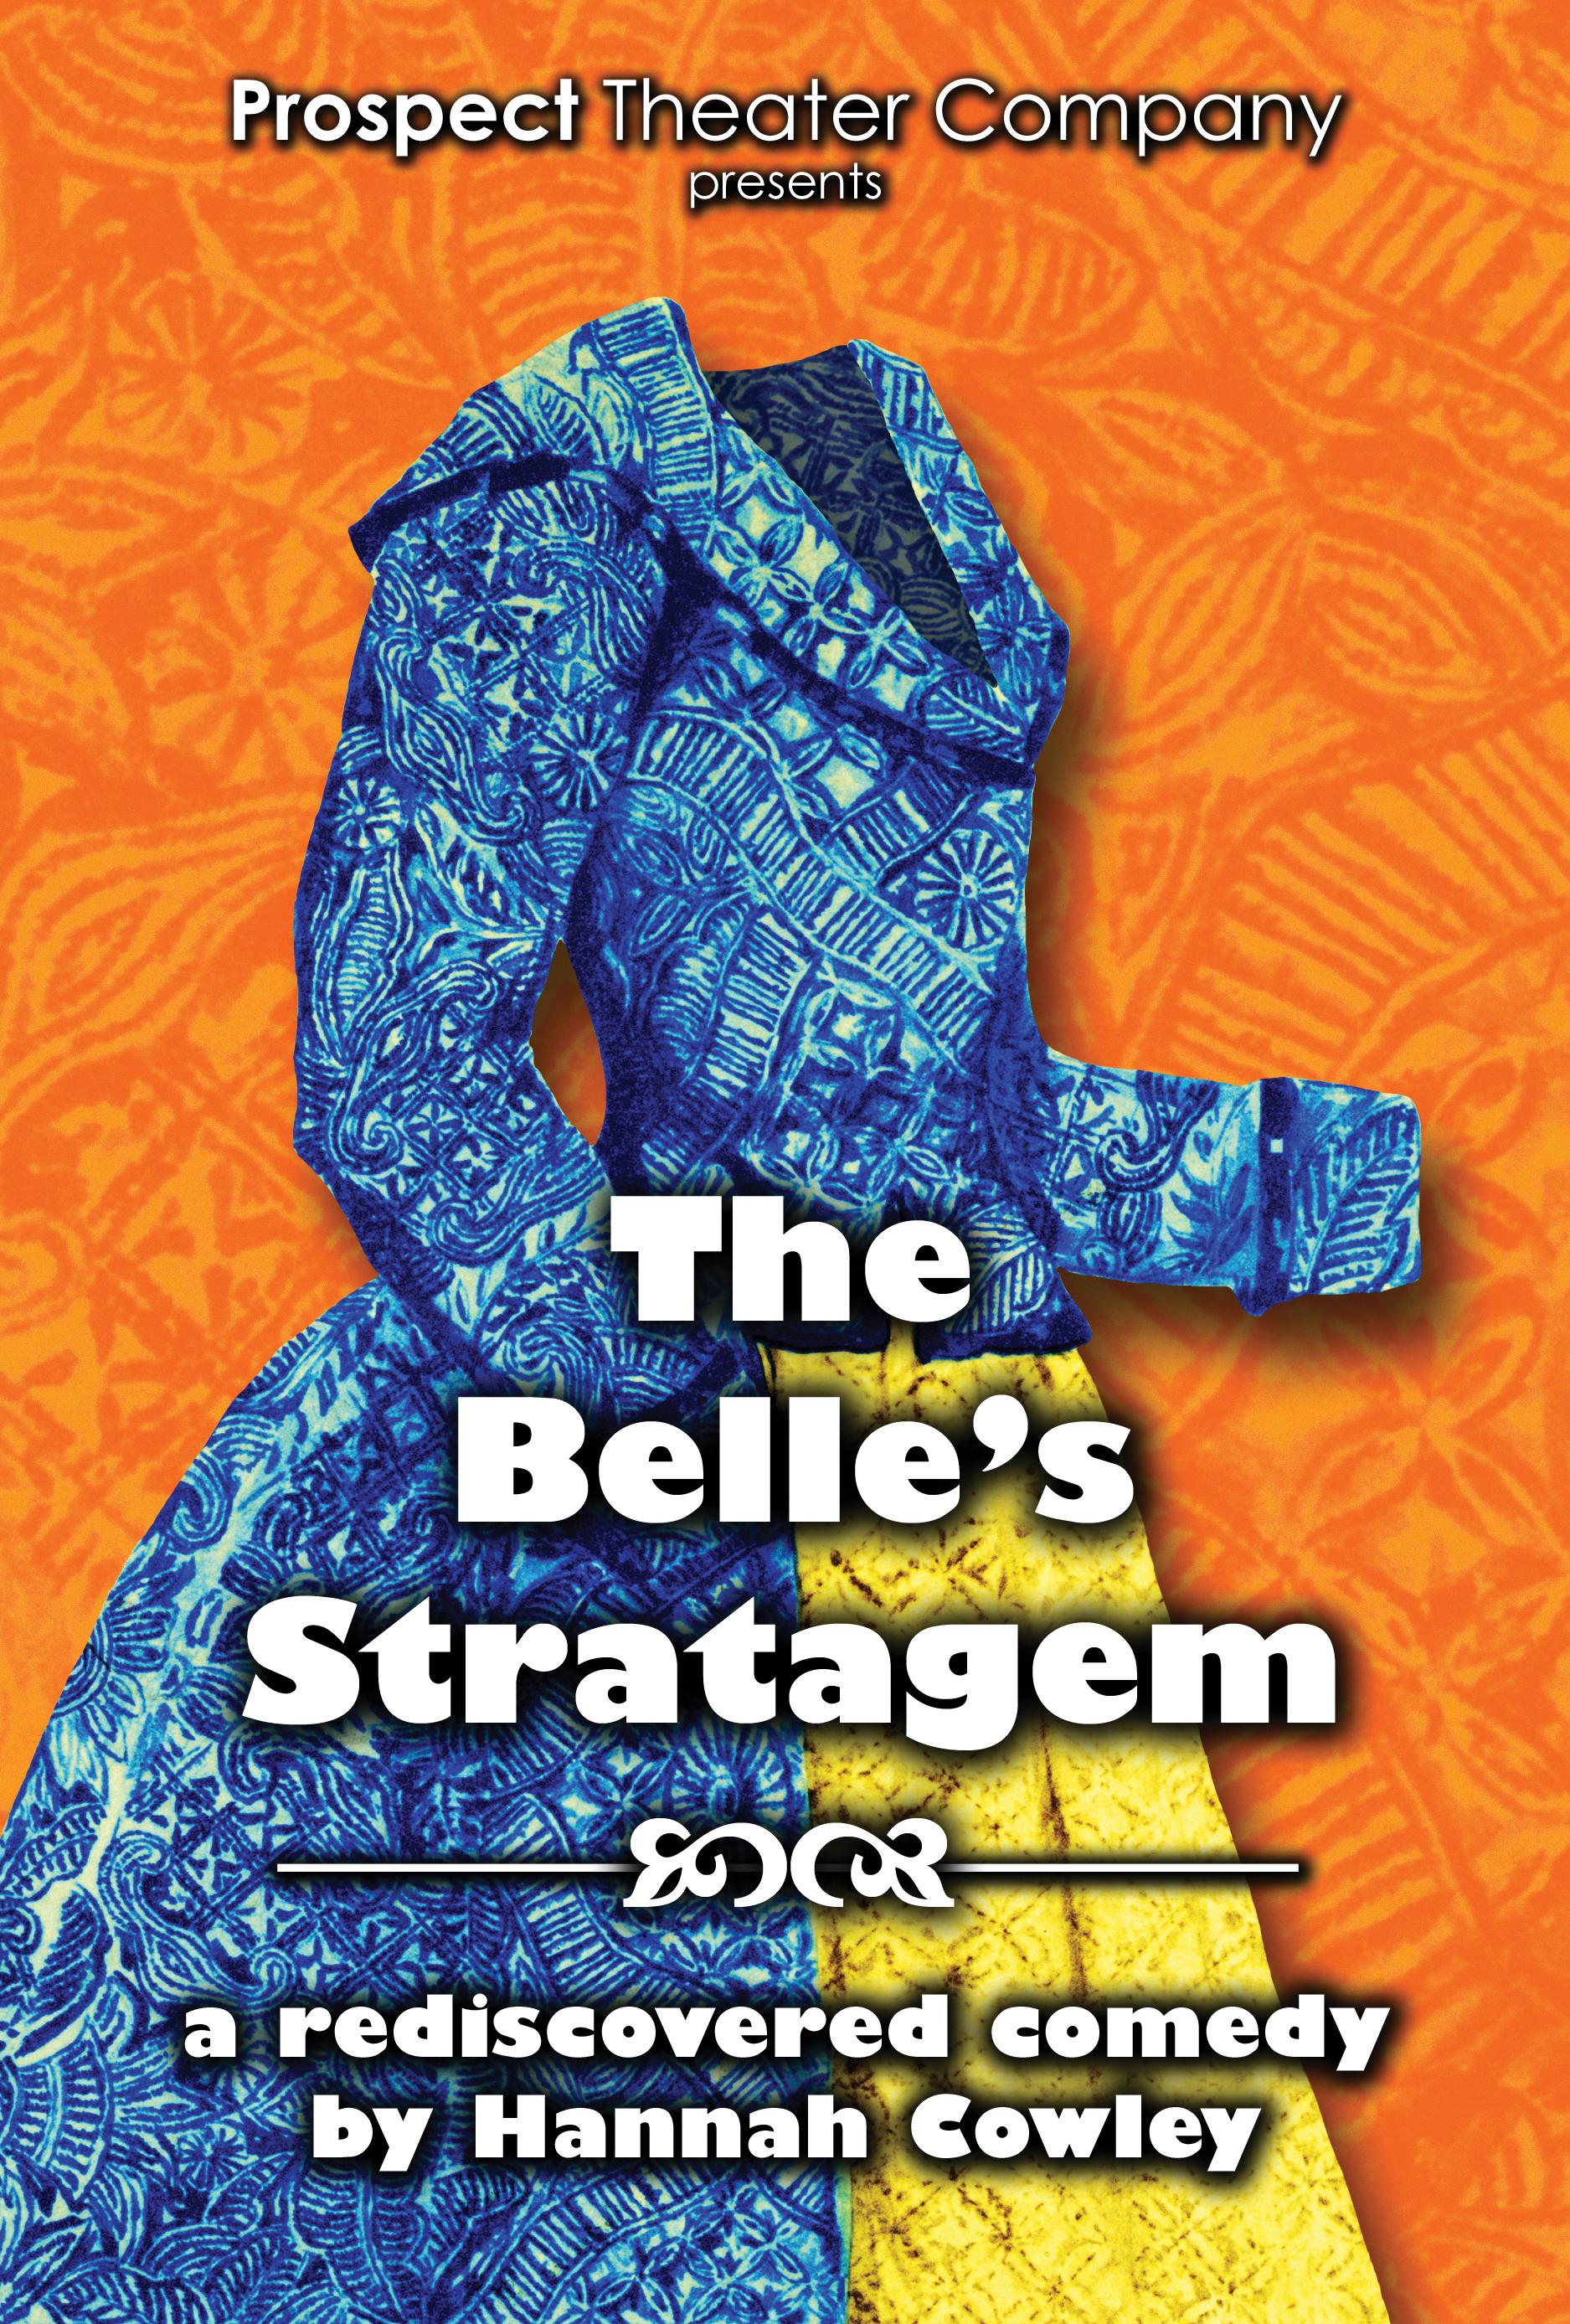 The Belle's Strategem (2003)